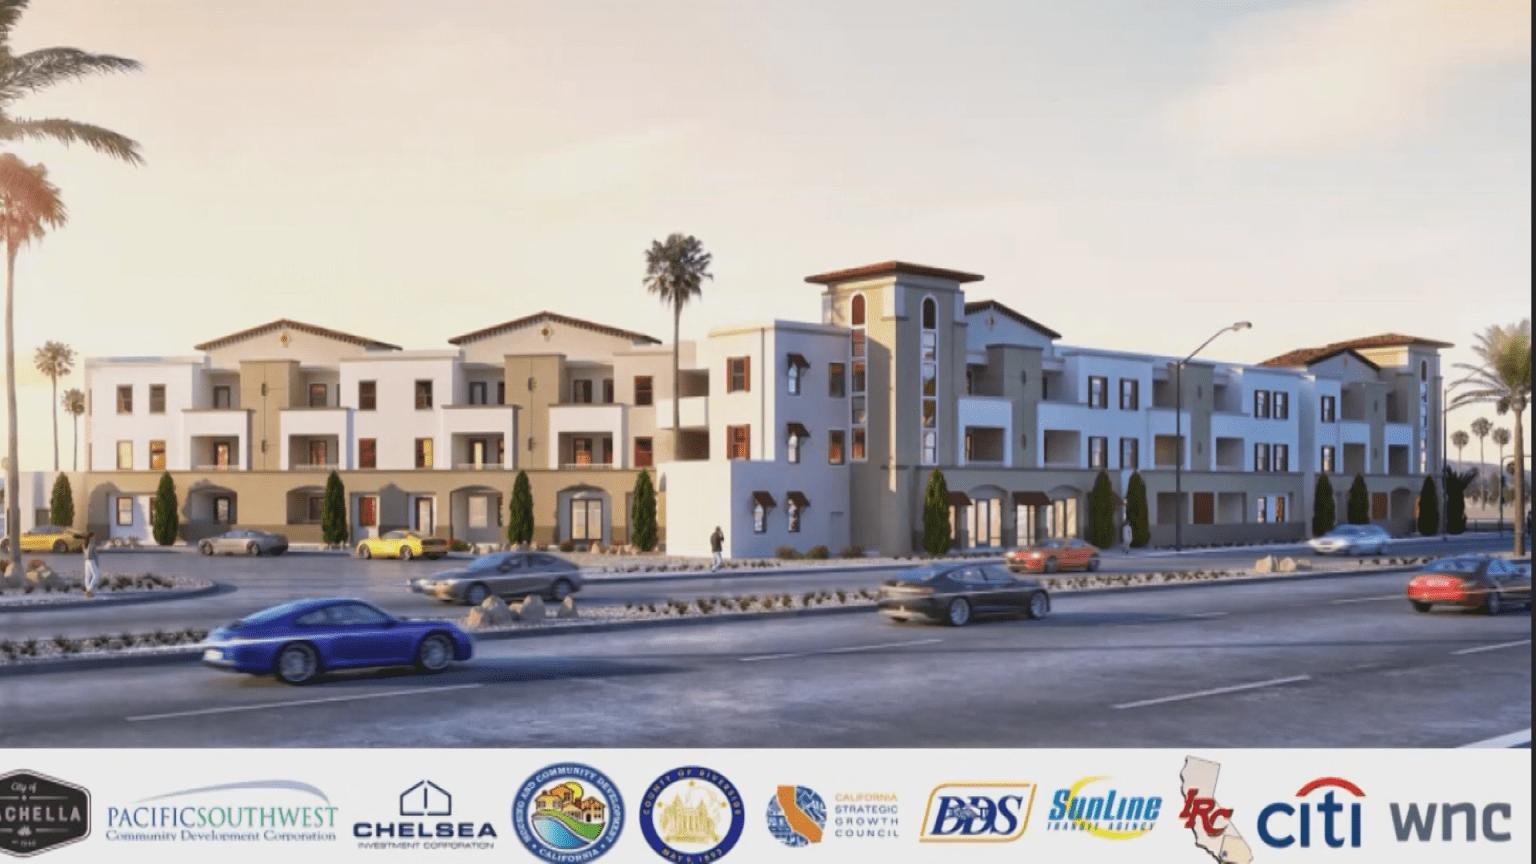 Laborers Needed For Pueblo Viejo Villas Project in Downtown Coachella